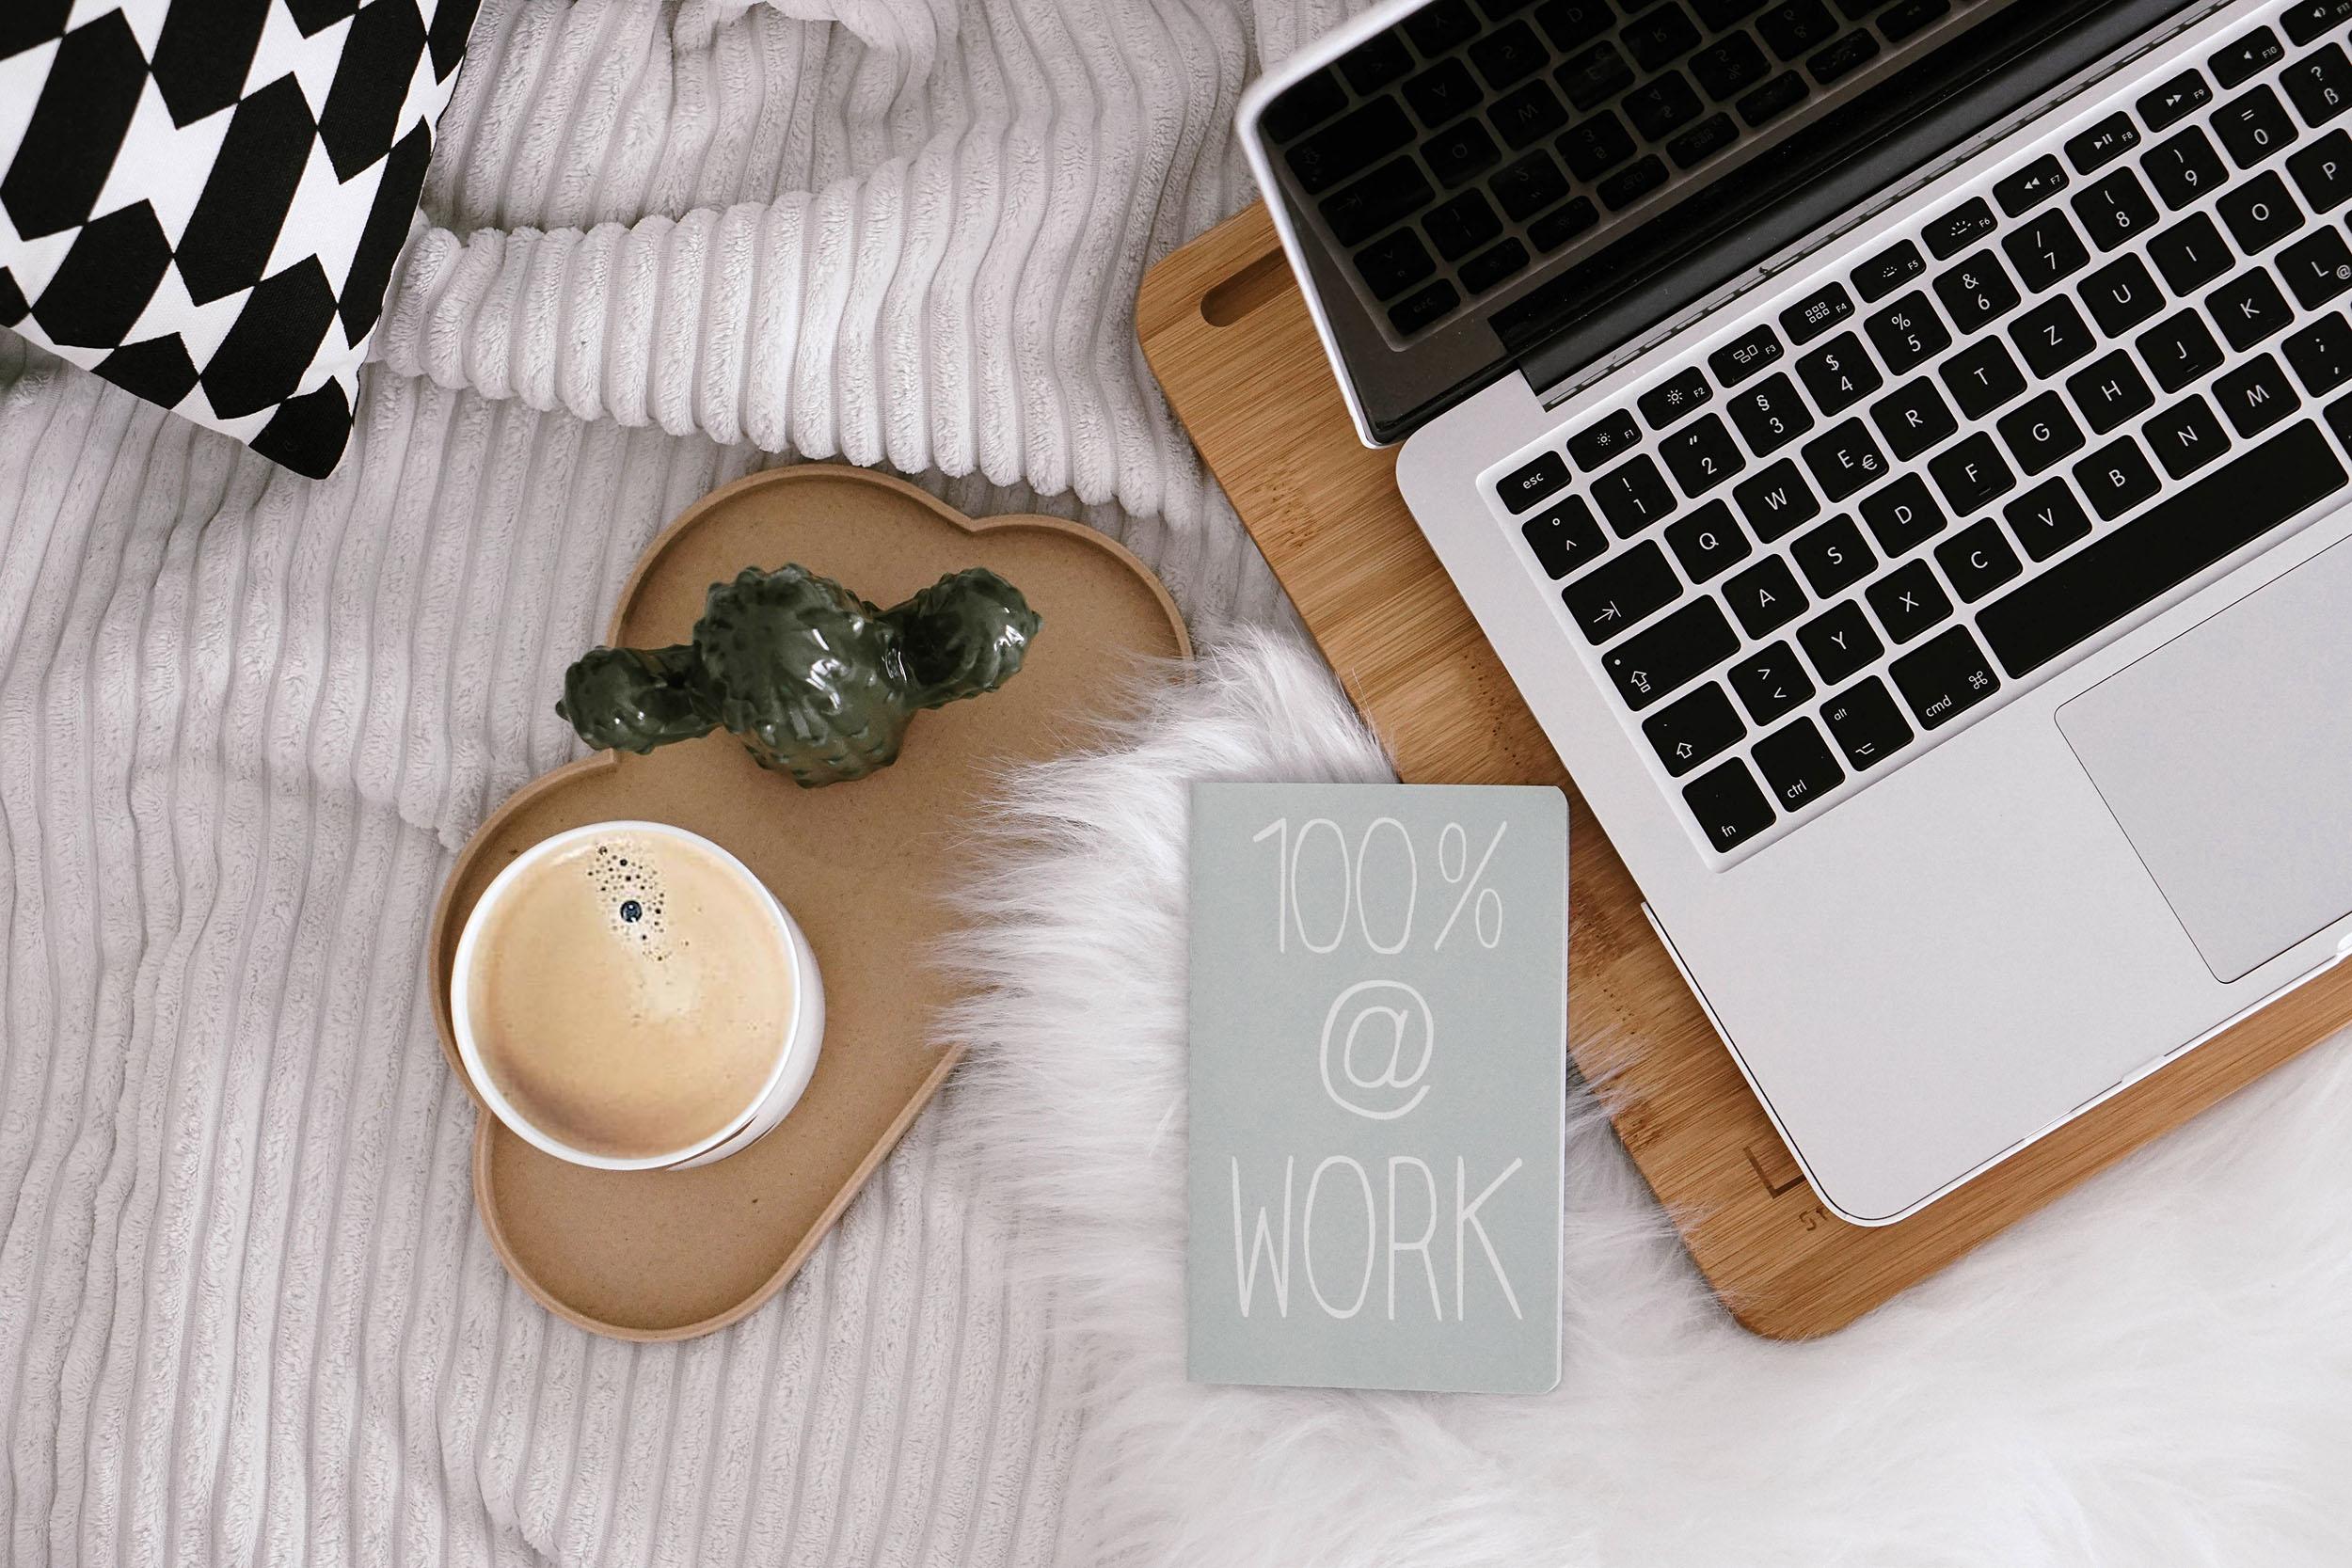 meine tipps wie du auch im home office produktiv arbeiten. Black Bedroom Furniture Sets. Home Design Ideas